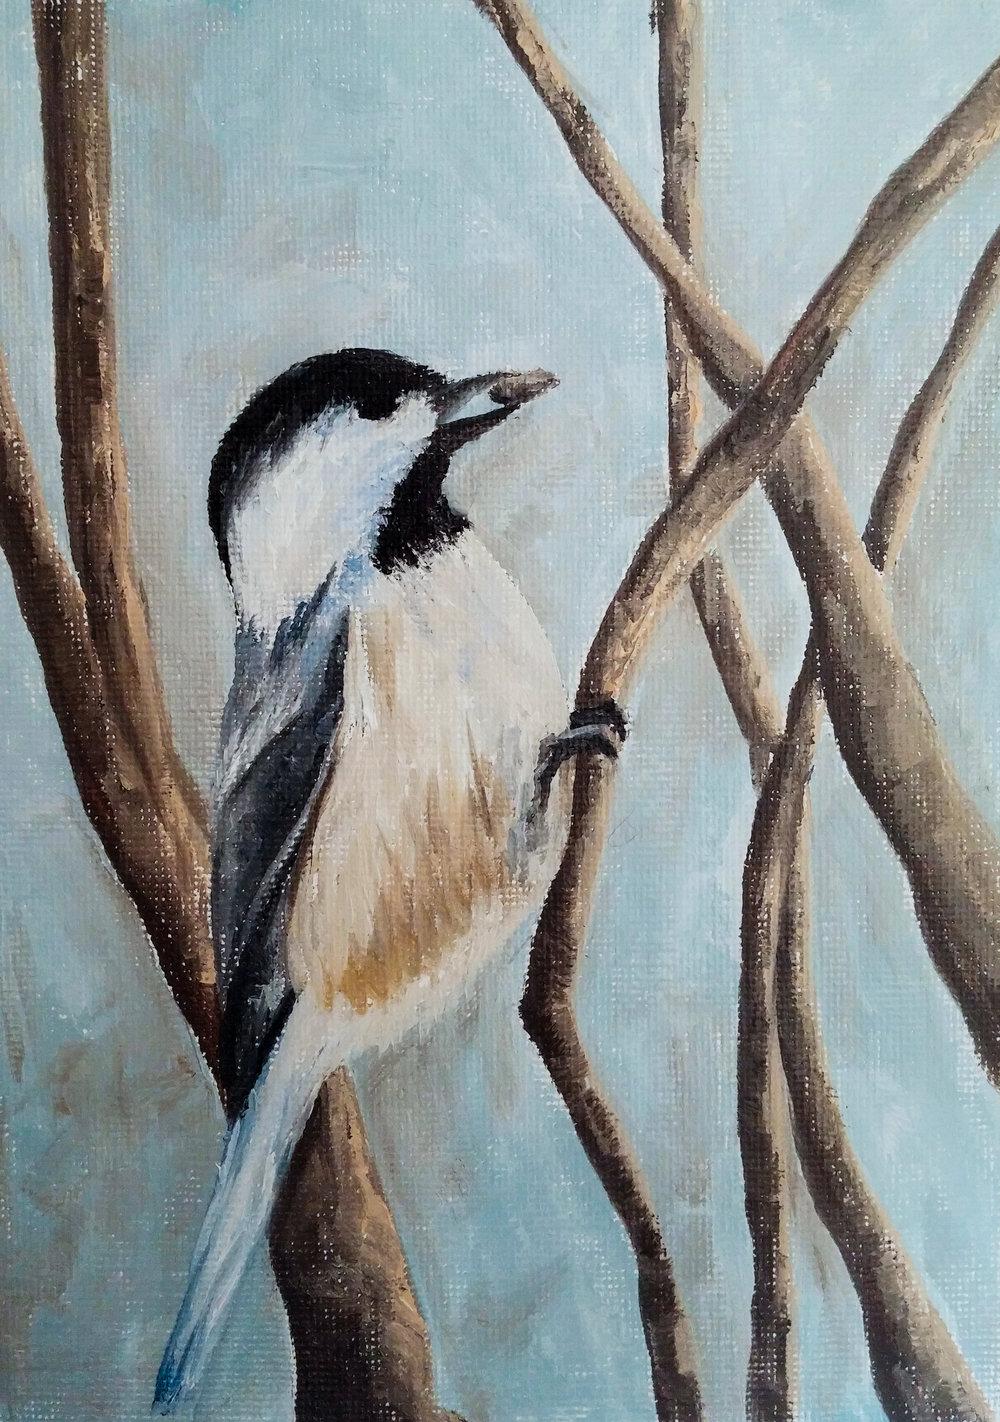 Day 12 - Bird